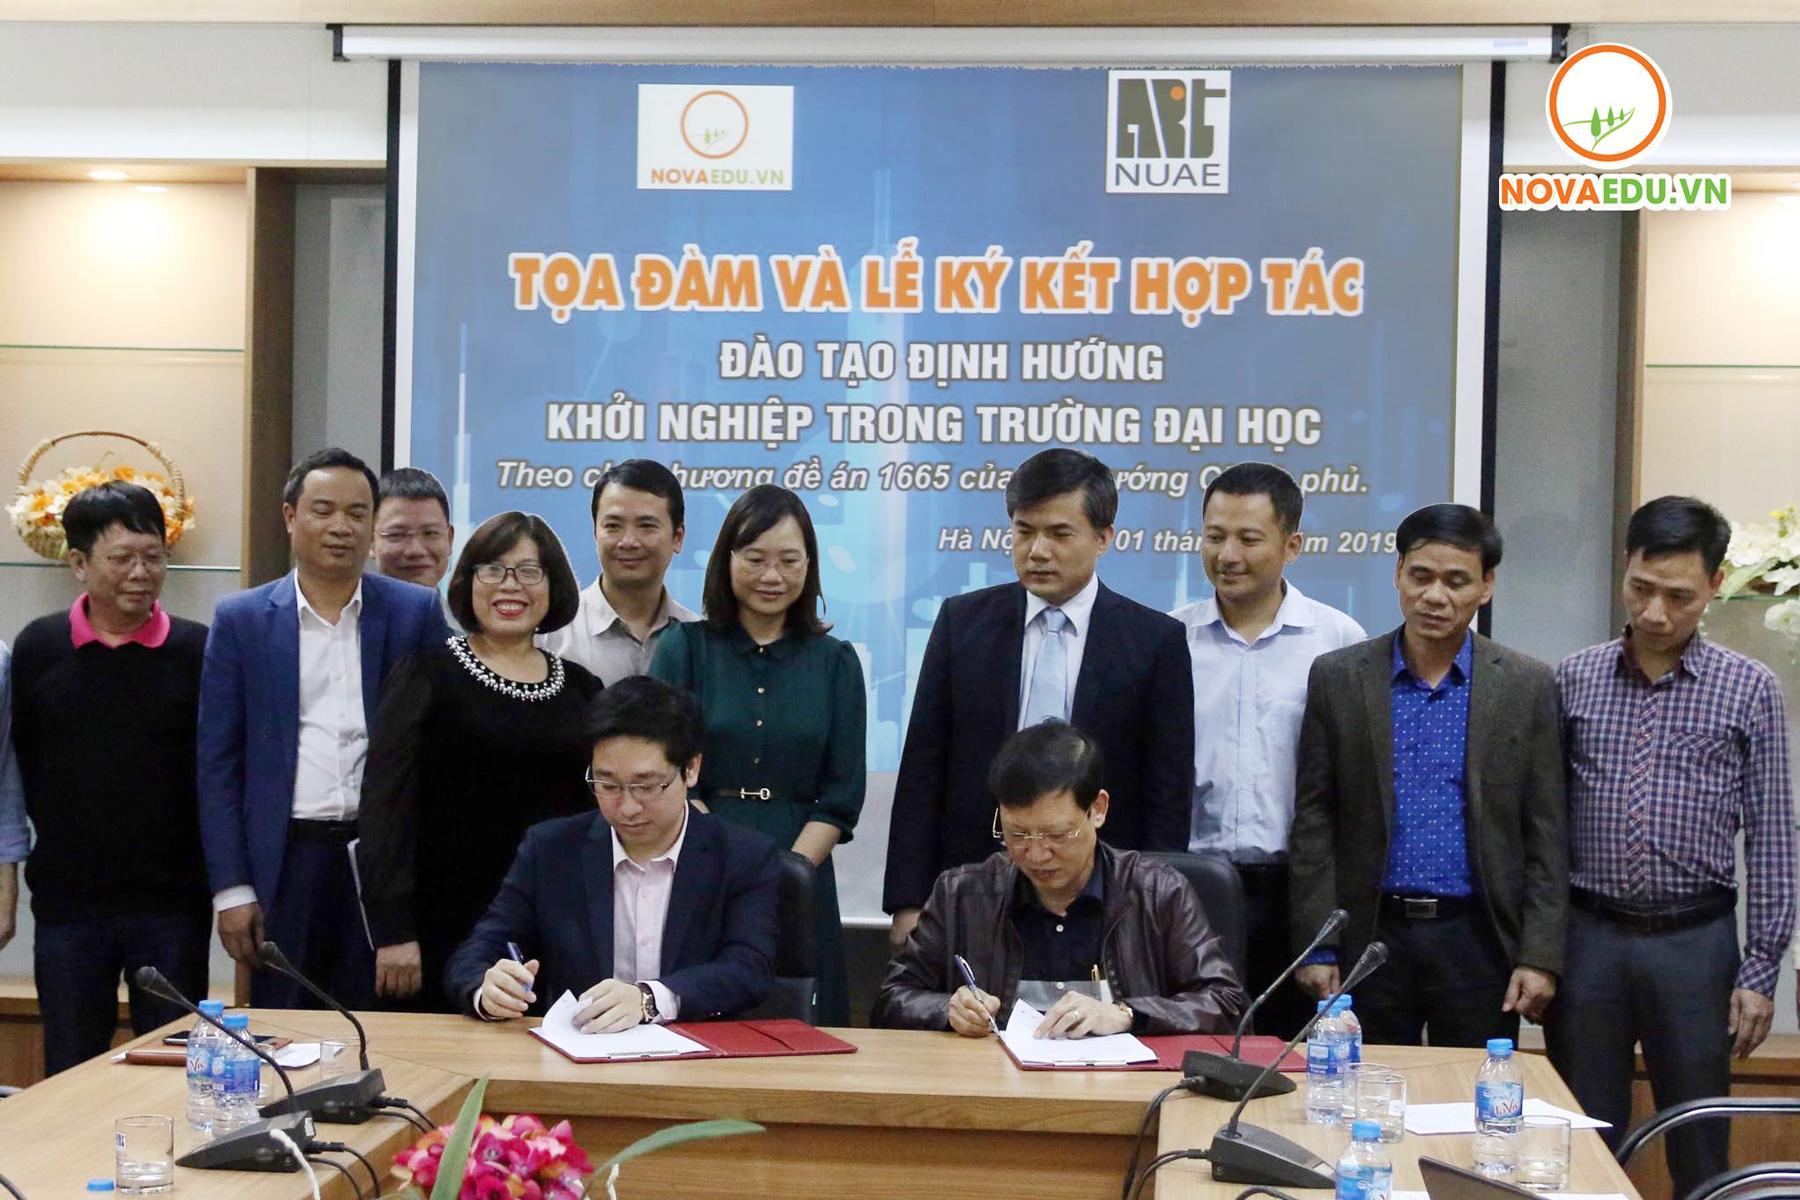 Ký kết biên bản thỏa thuận hợp tác giữa Nhà trường và Novaedu về hợp tác đào tạo định hướng Khởi nghiệp trong trường Đại học theo chủ trương đề án 1665